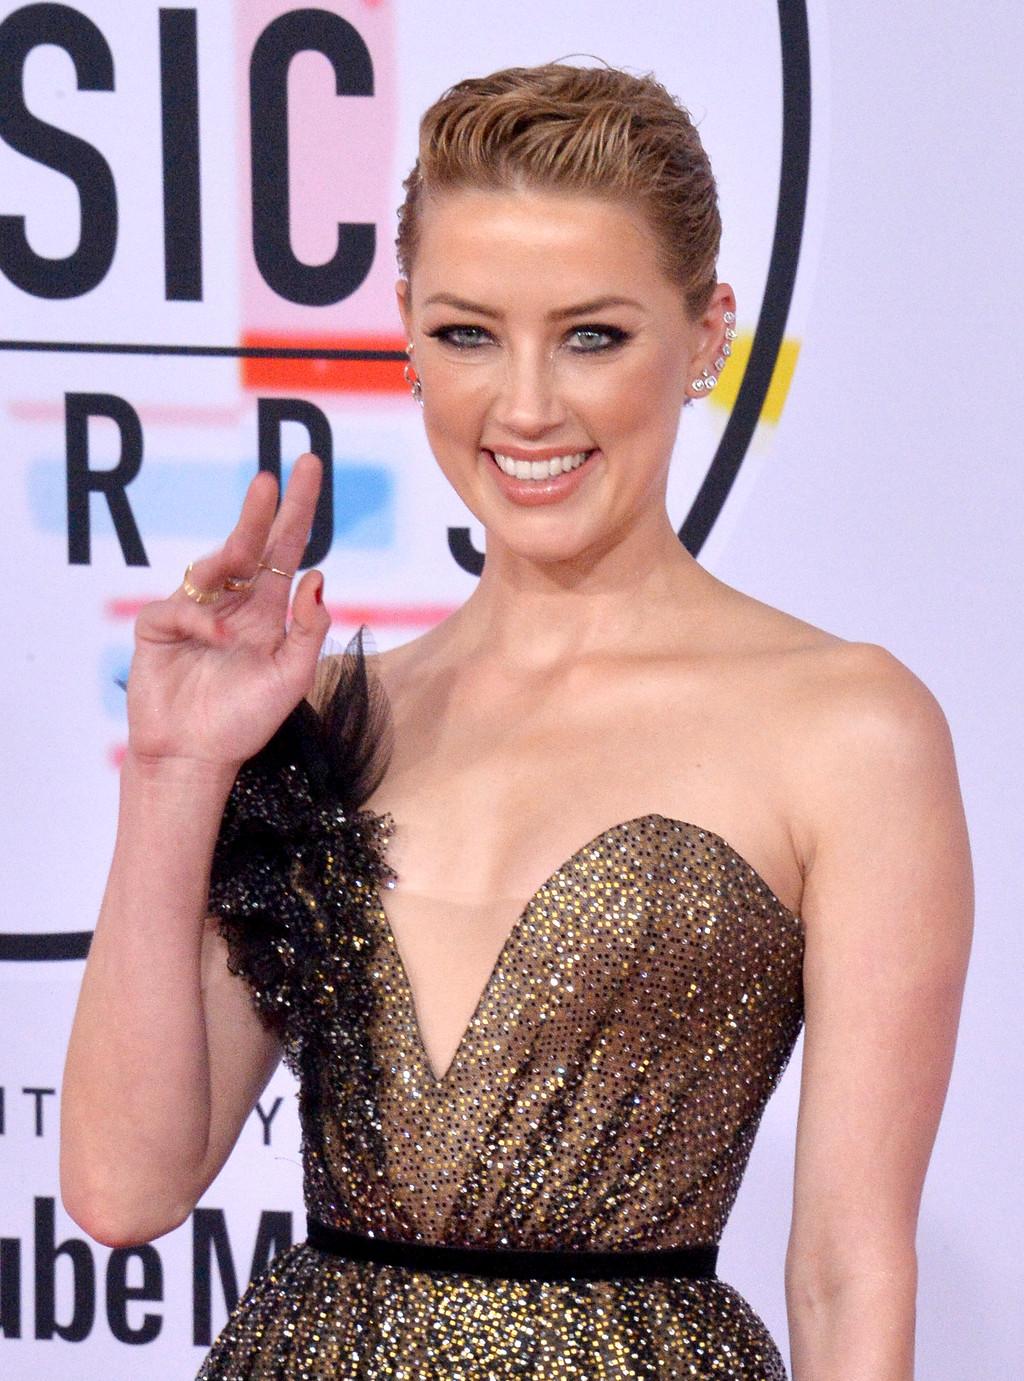 Amber Heard nos deja uno de los grandísimos looks de los AMAs: resultado wet en un recogido recogido ideal